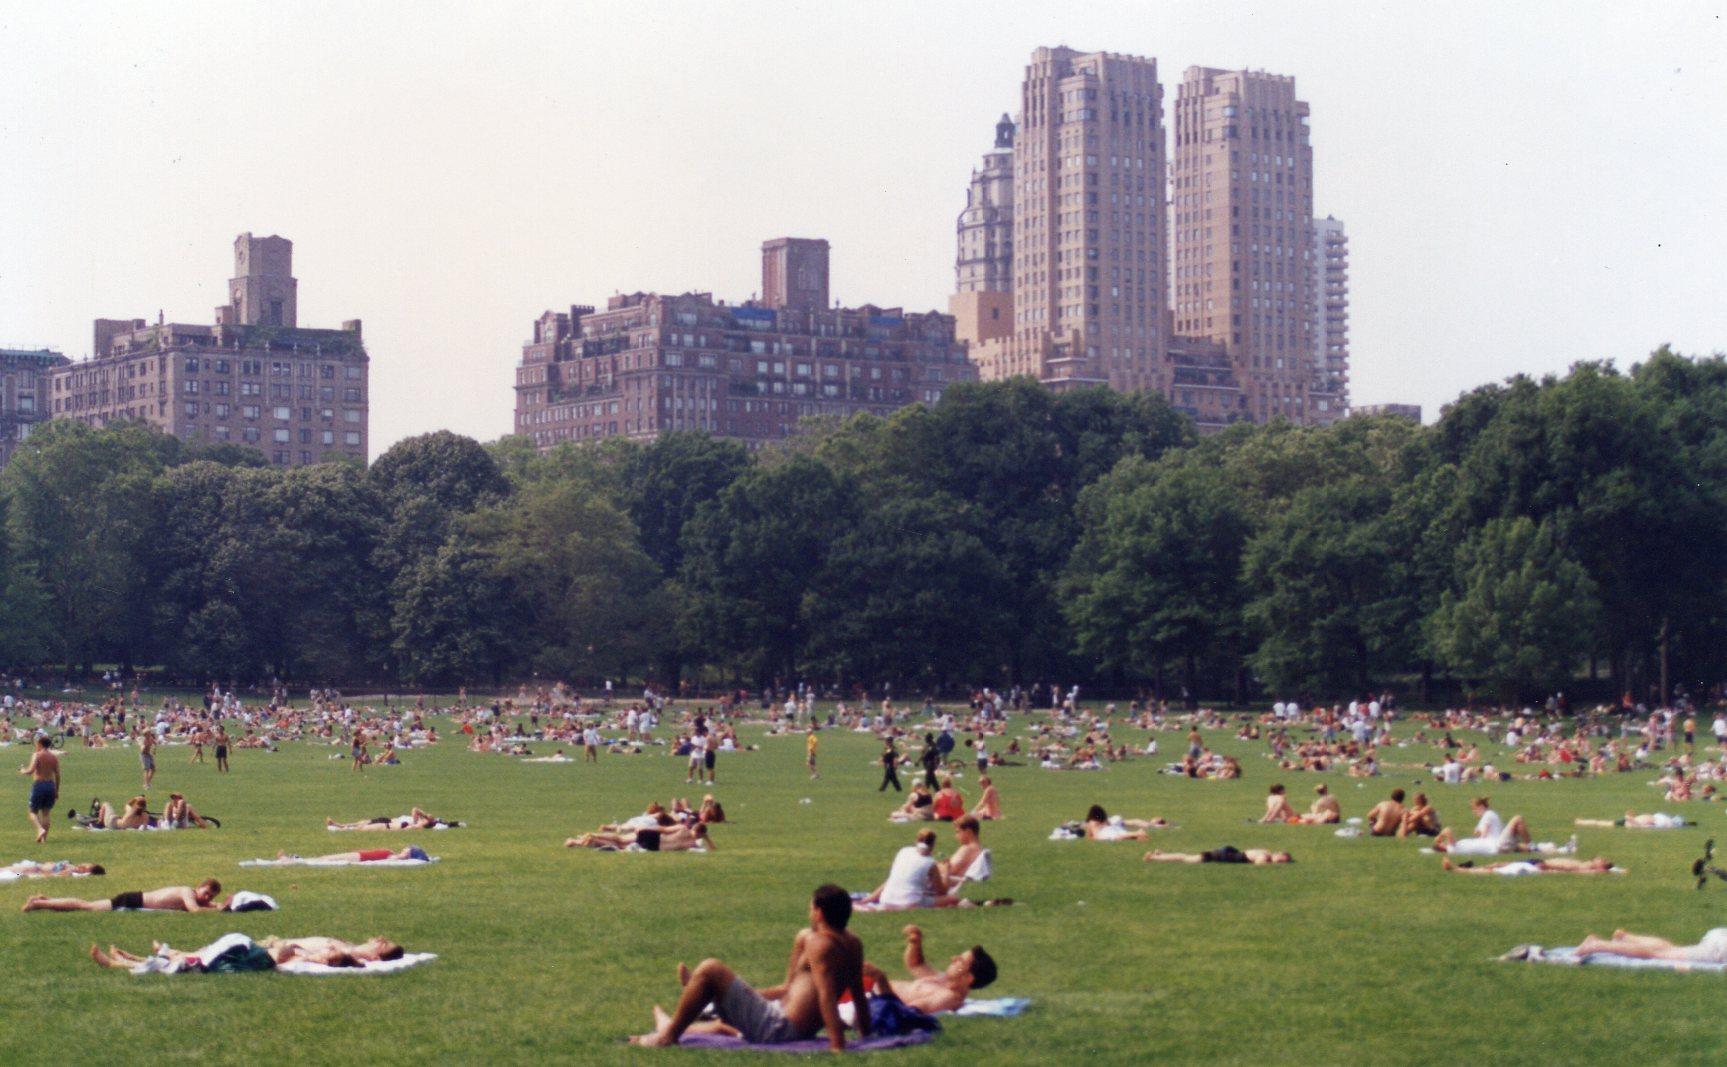 Nova Iorque Central Park gramado